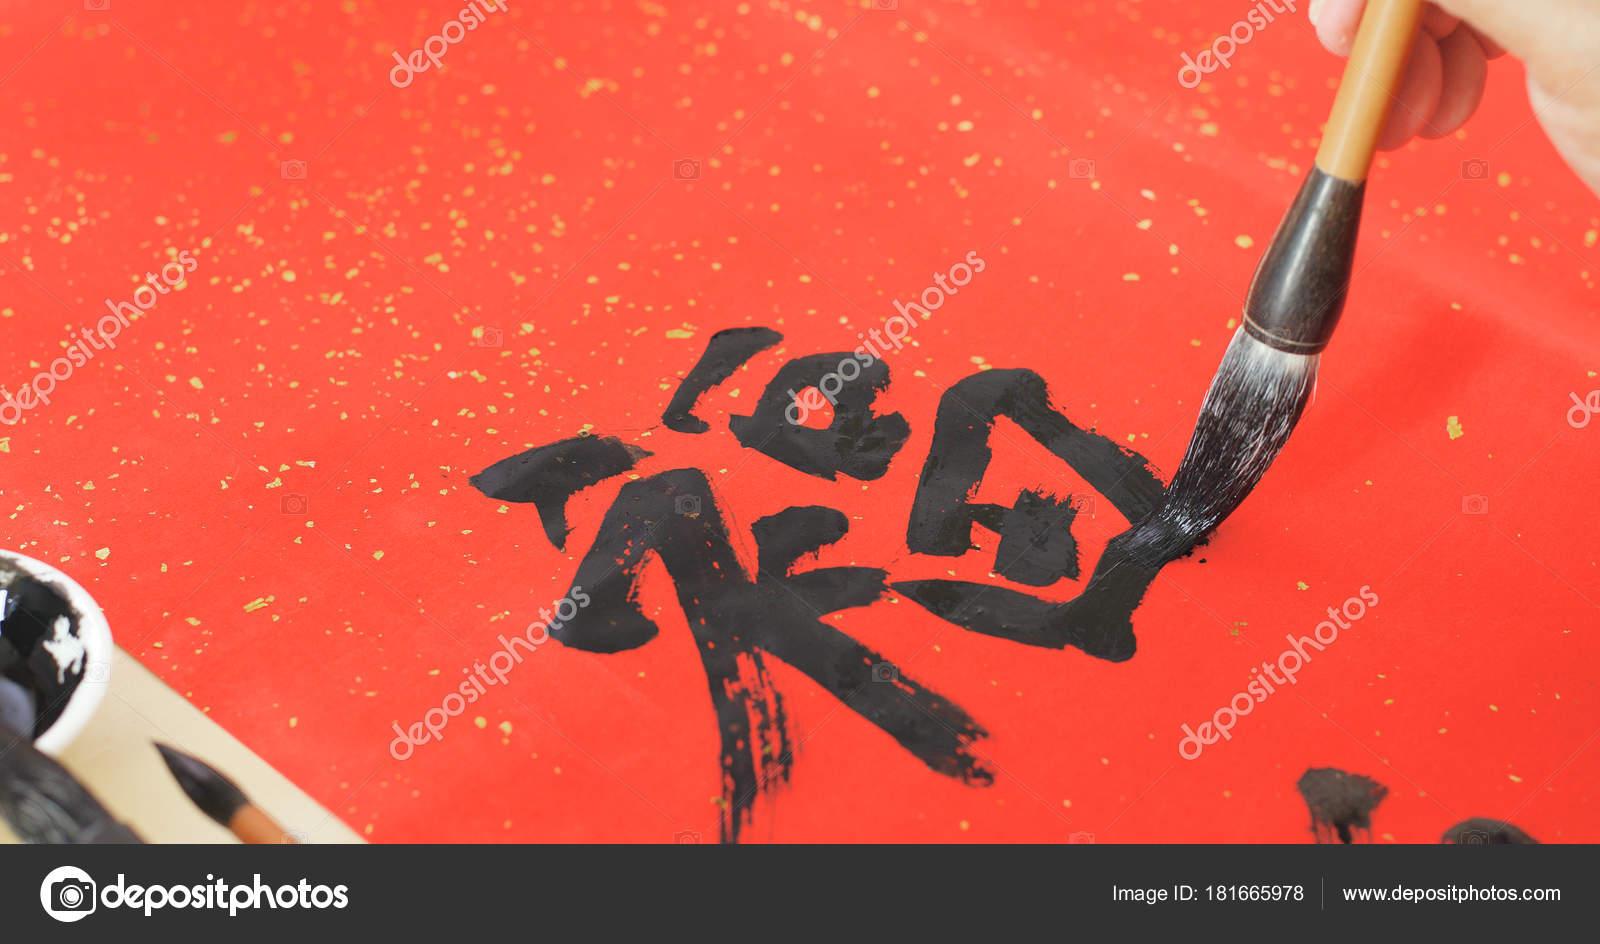 Chinesischen Kalligraphie Mit Wort Bedeutung Glück Für Chinesische ...